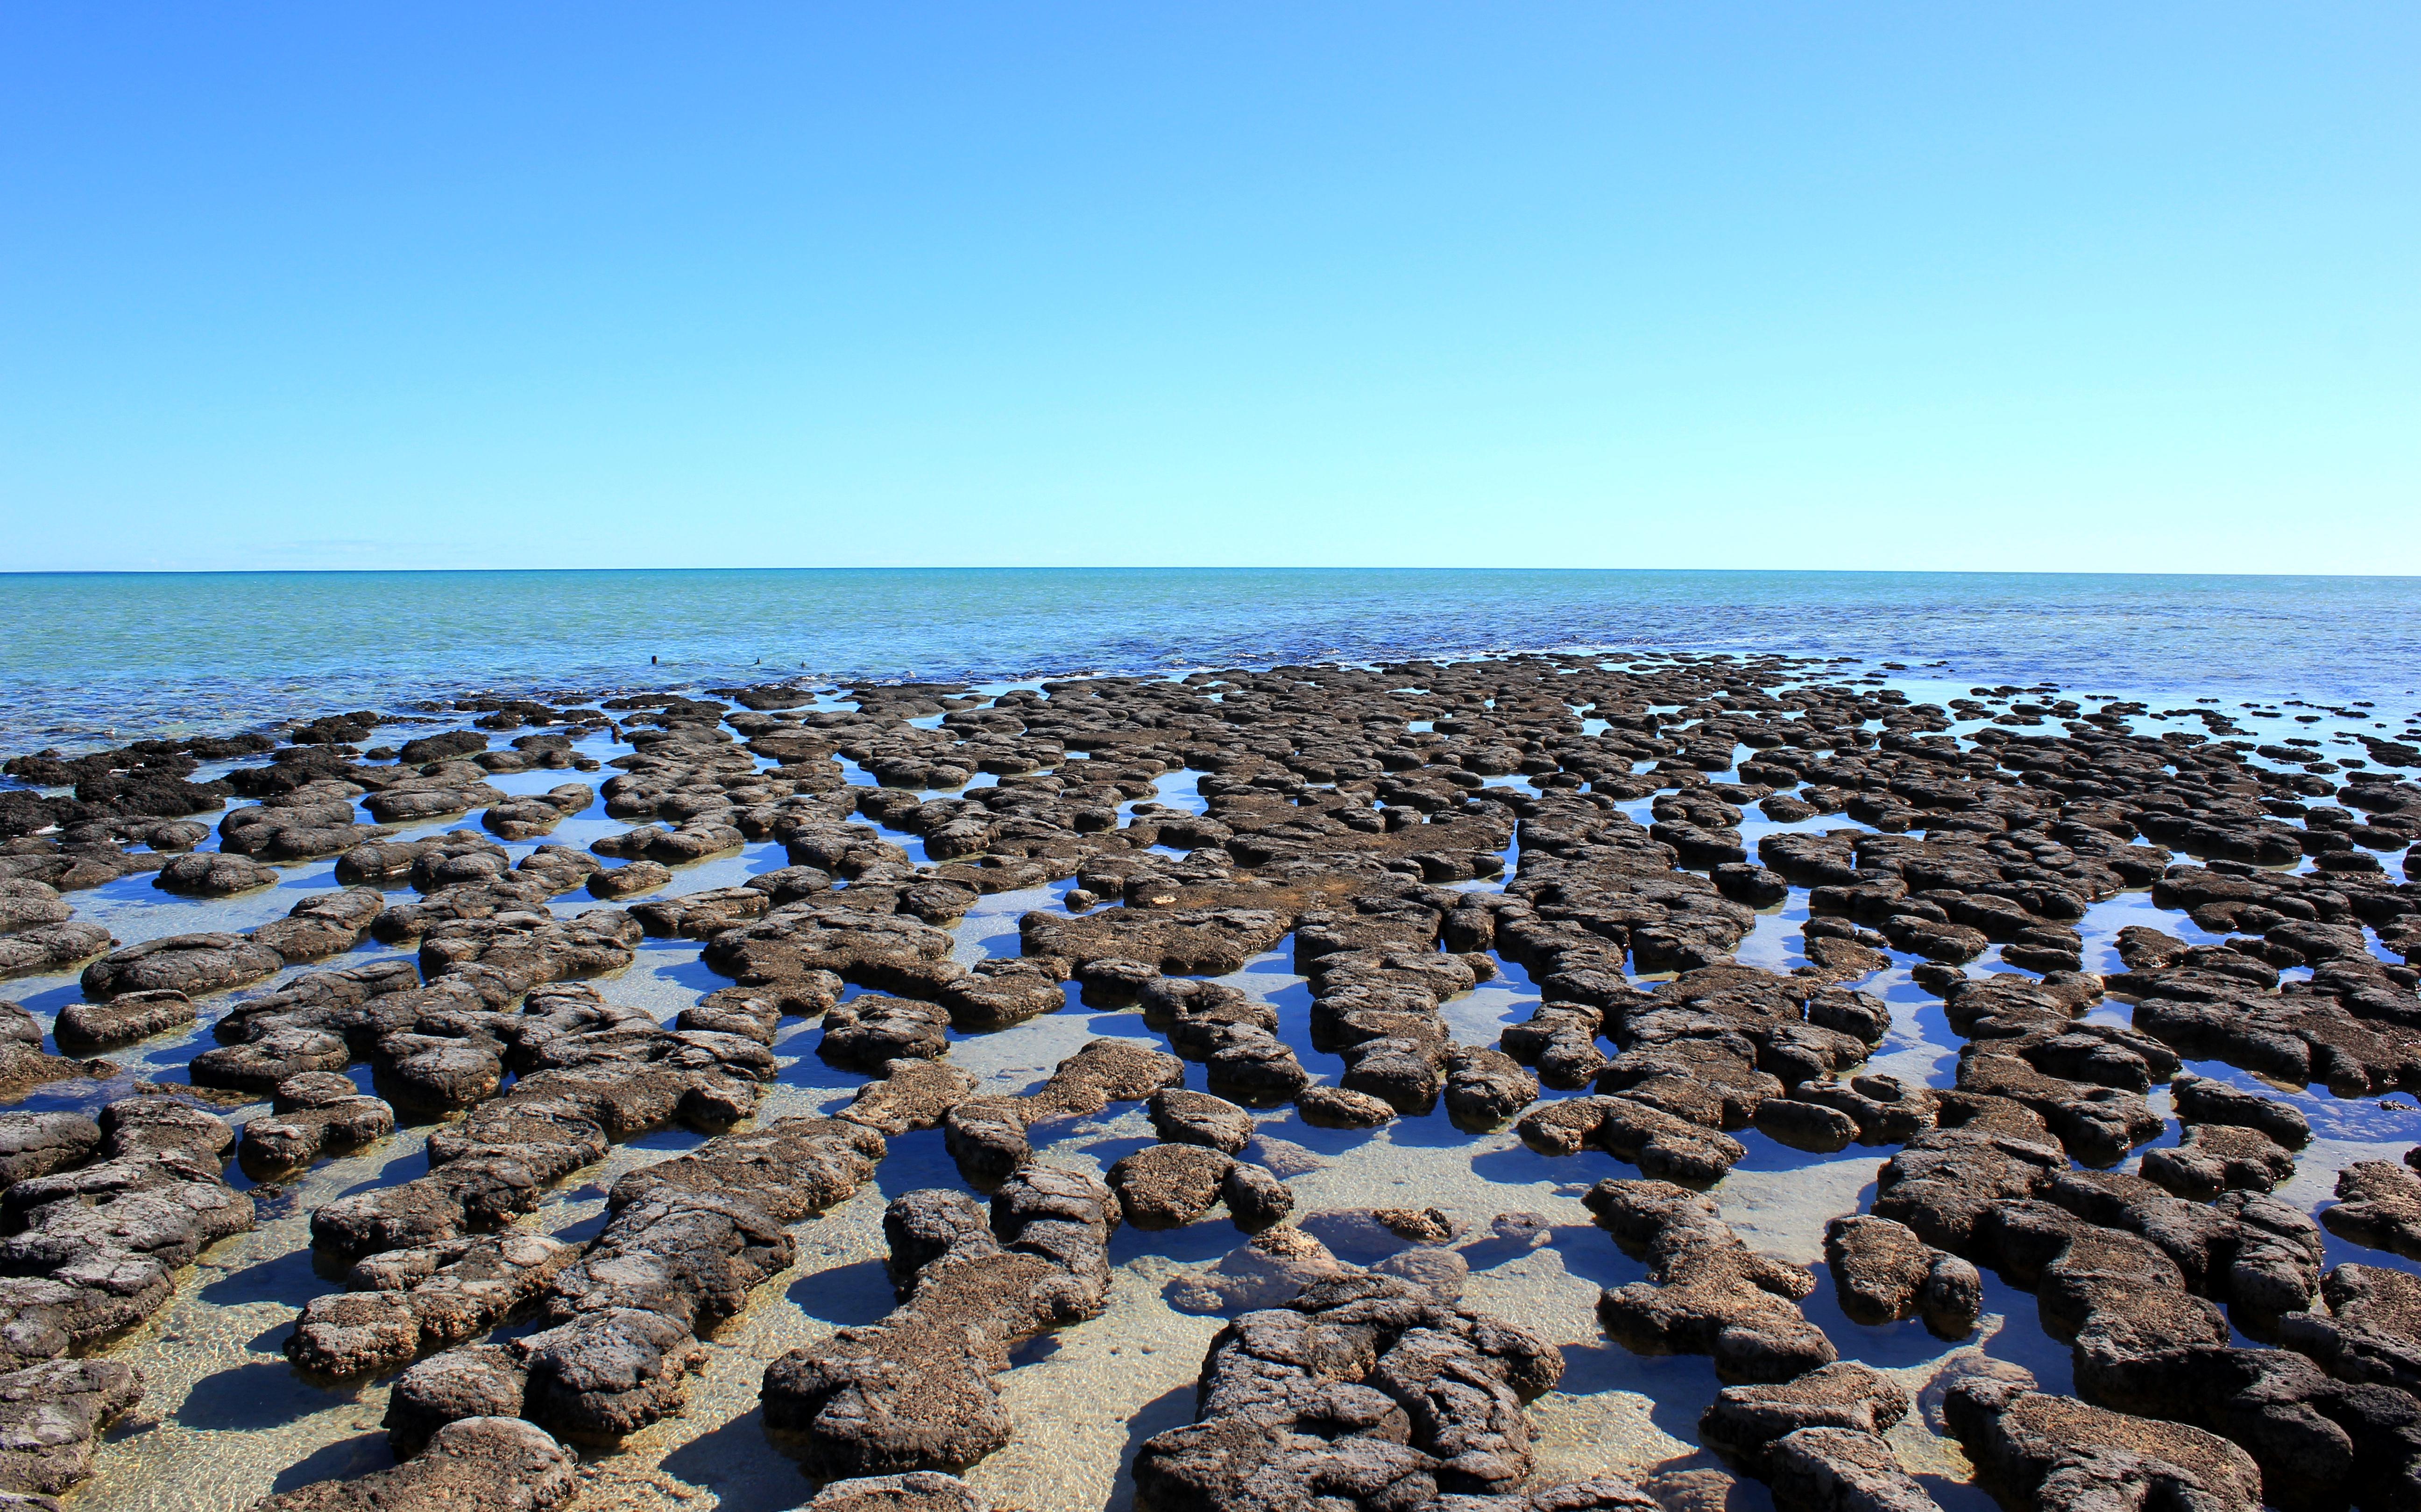 Voyages-et-compagnie.com - Blog voyage | Côte Ouest Australie - Shark Bay